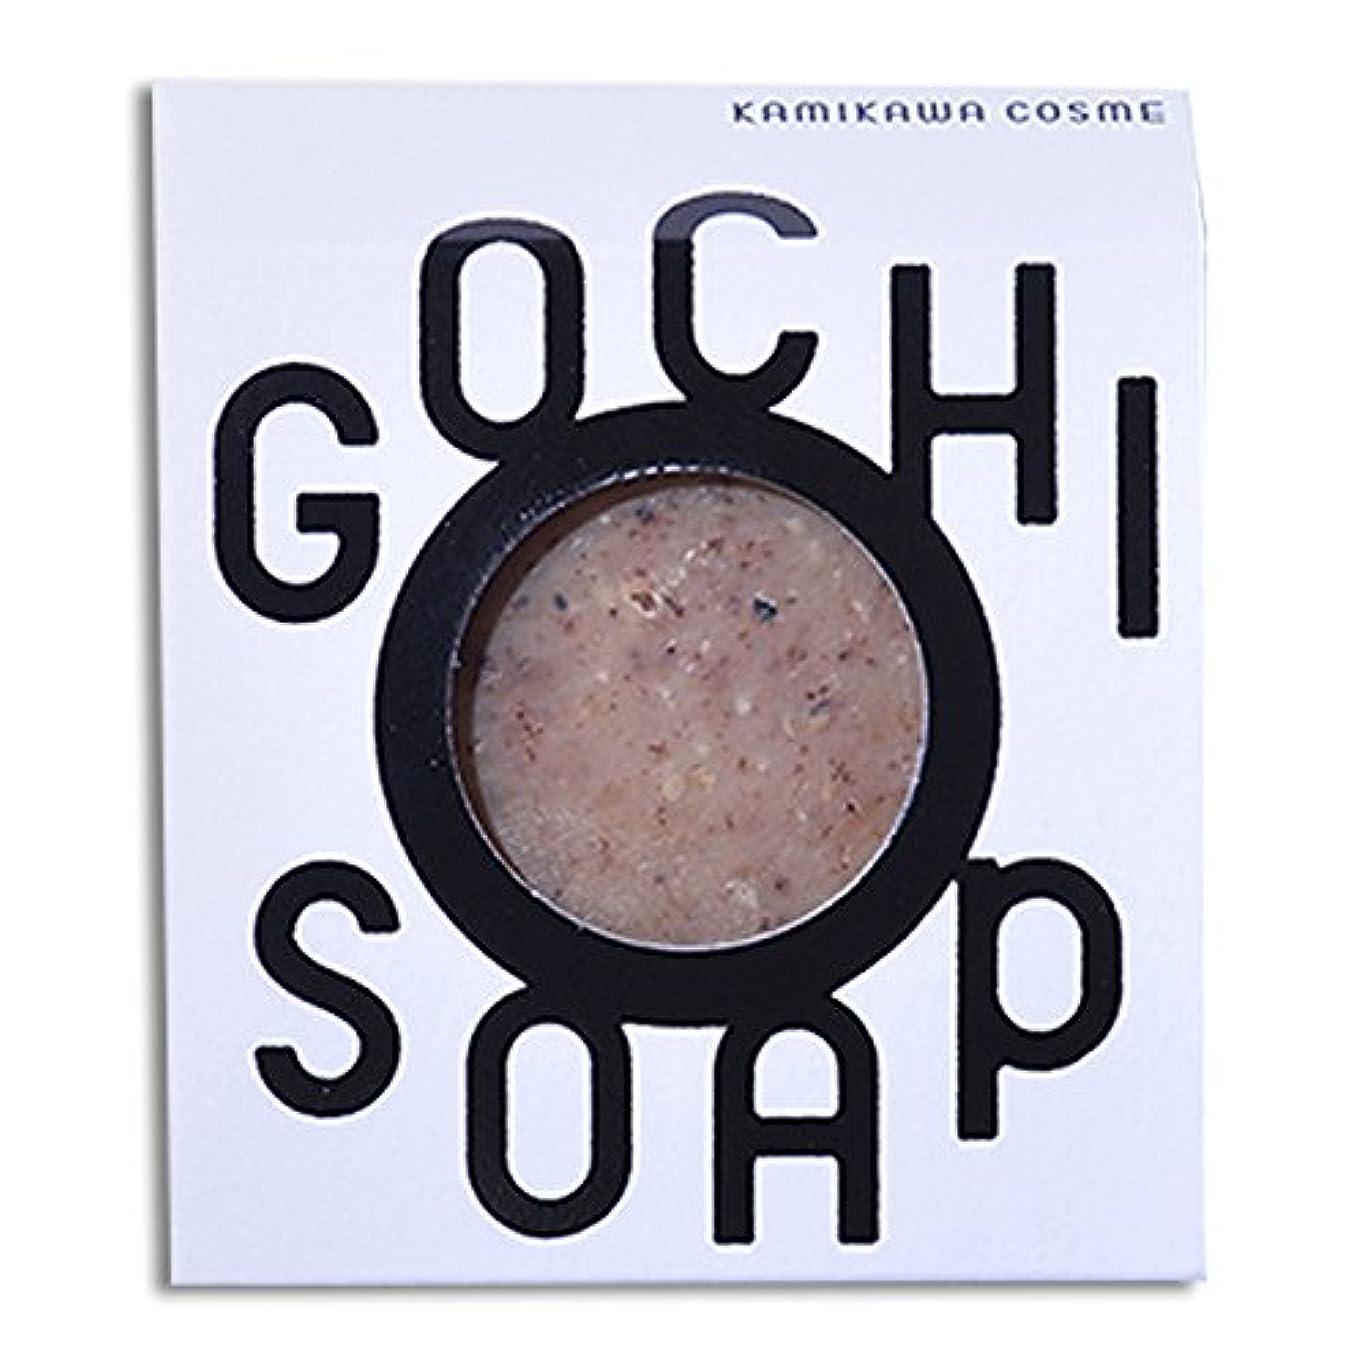 月面さようなら正統派道北の素材を使用したコスメブランド GOCHI SOAP(上森米穀店の黒米ぬかソープ?谷口農場のトマトソープ)各1個セット